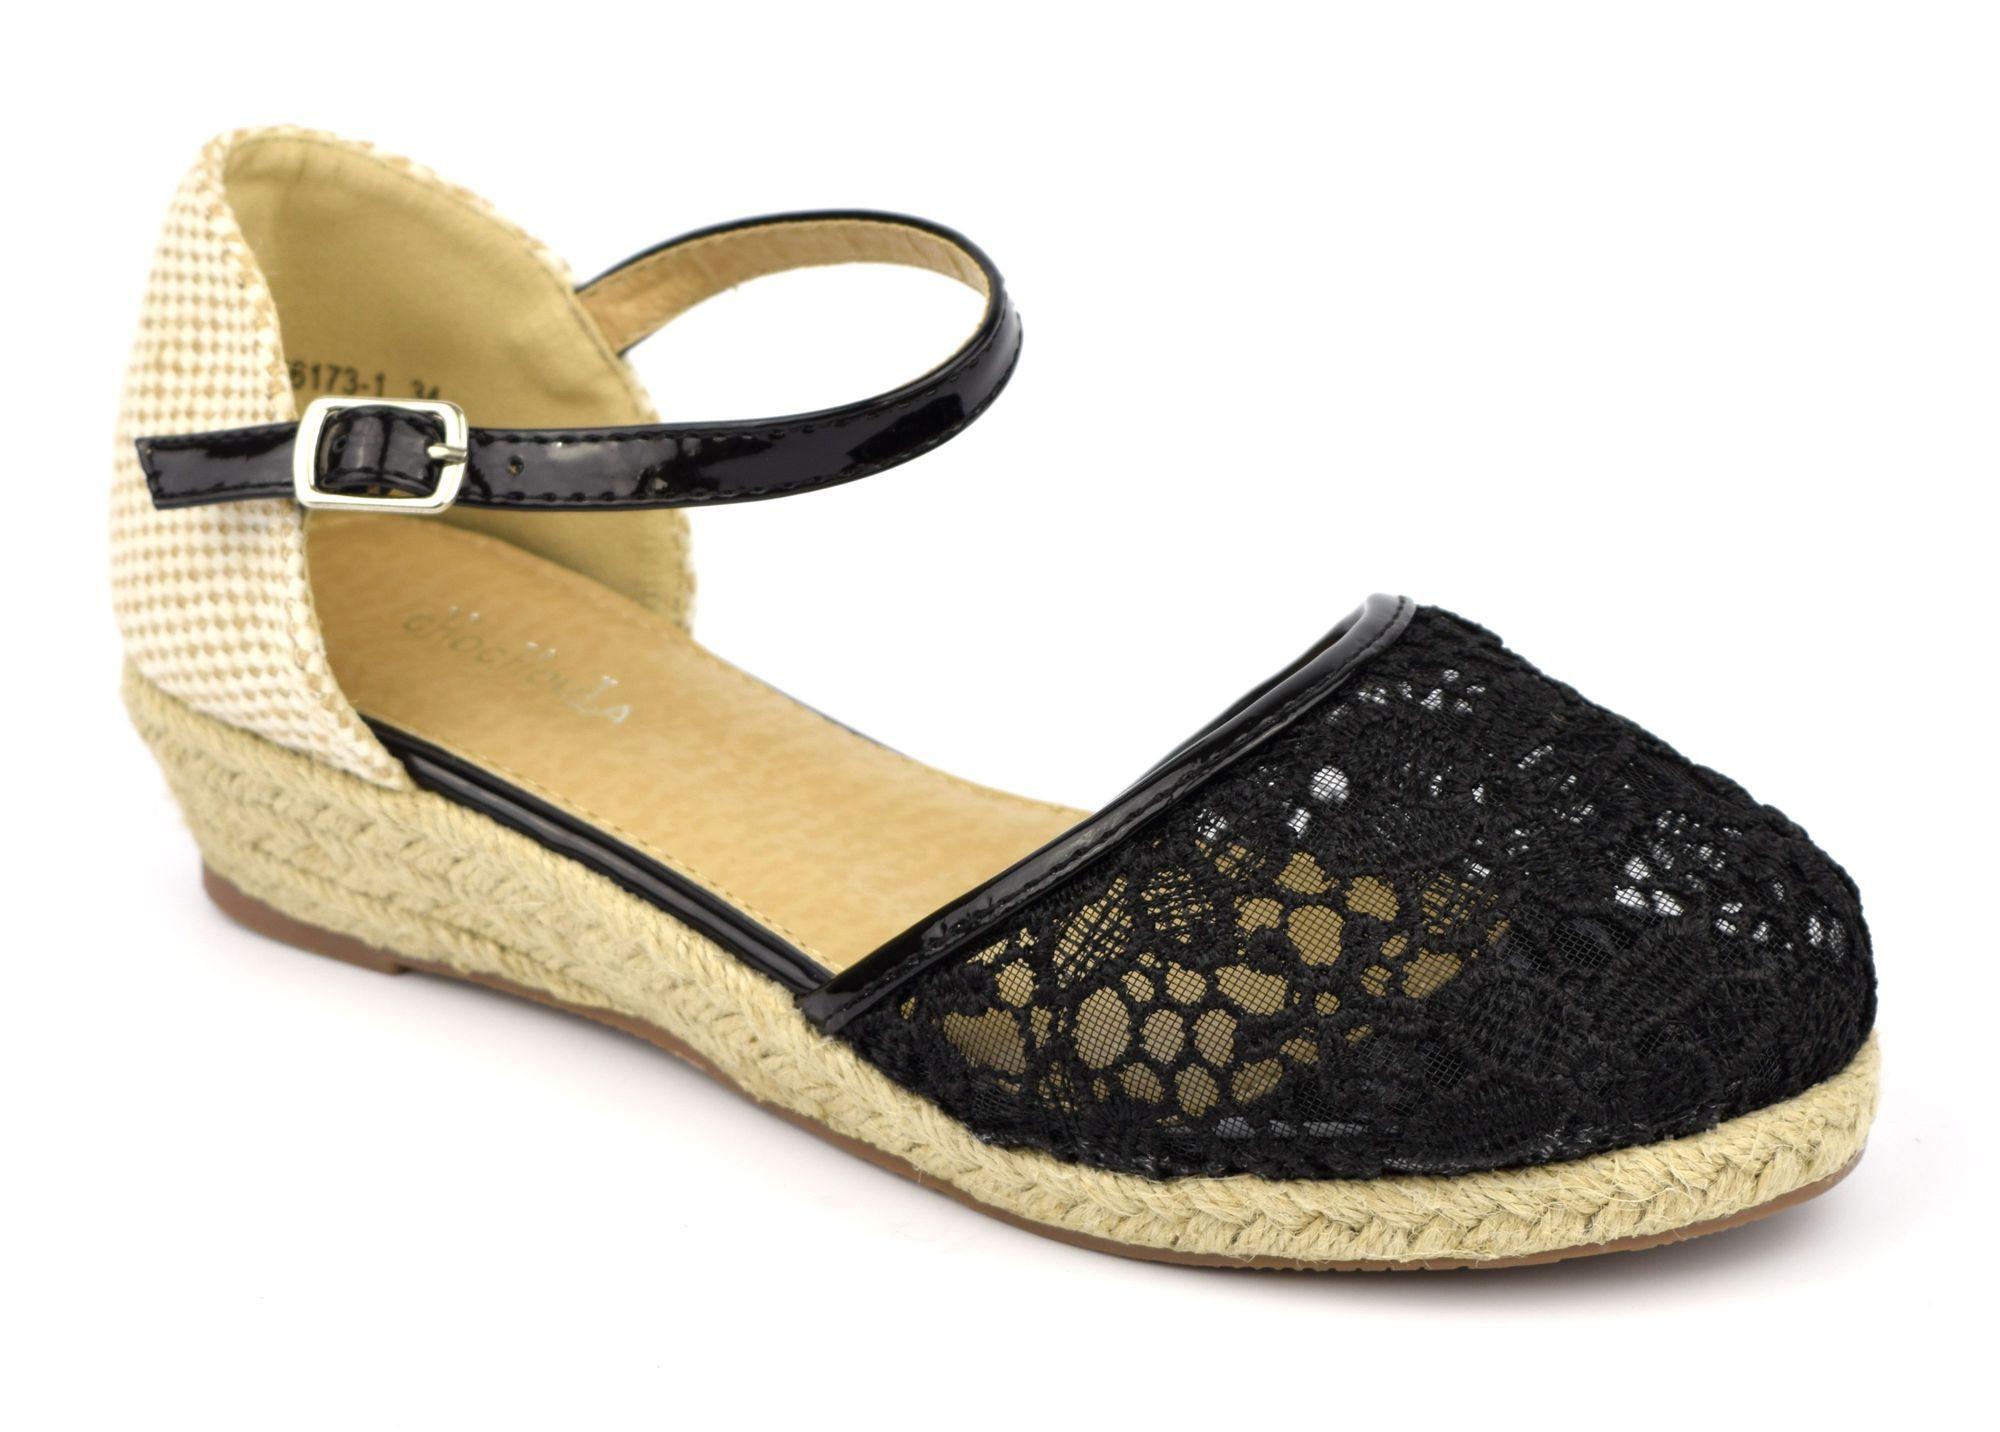 f3f6ff199e493 Petit talon compensé sandale compensée femme pas cher